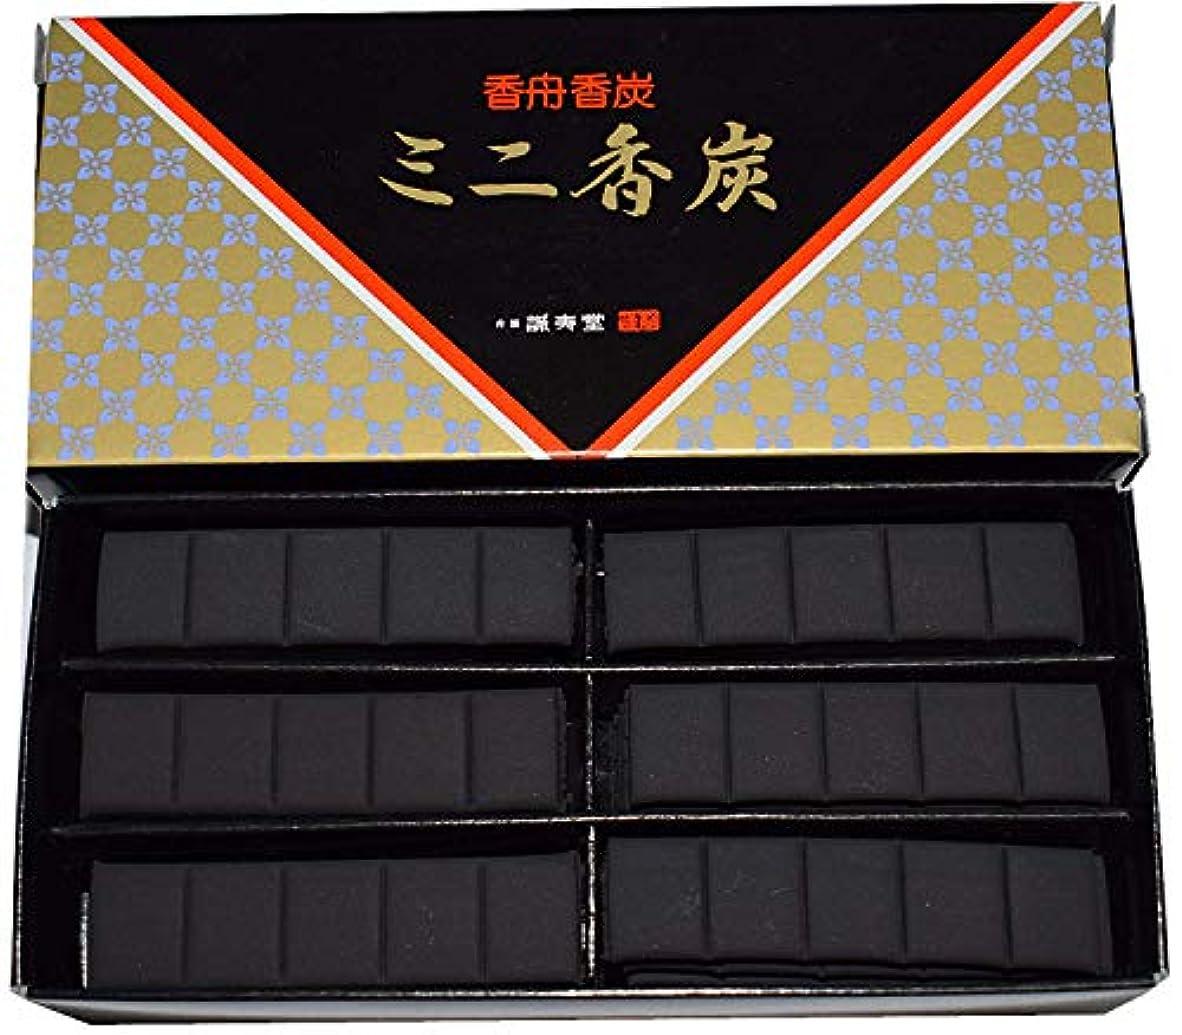 受取人アウターちっちゃい香舗 誠寿堂ミニ香炉炭 (黒, 5)